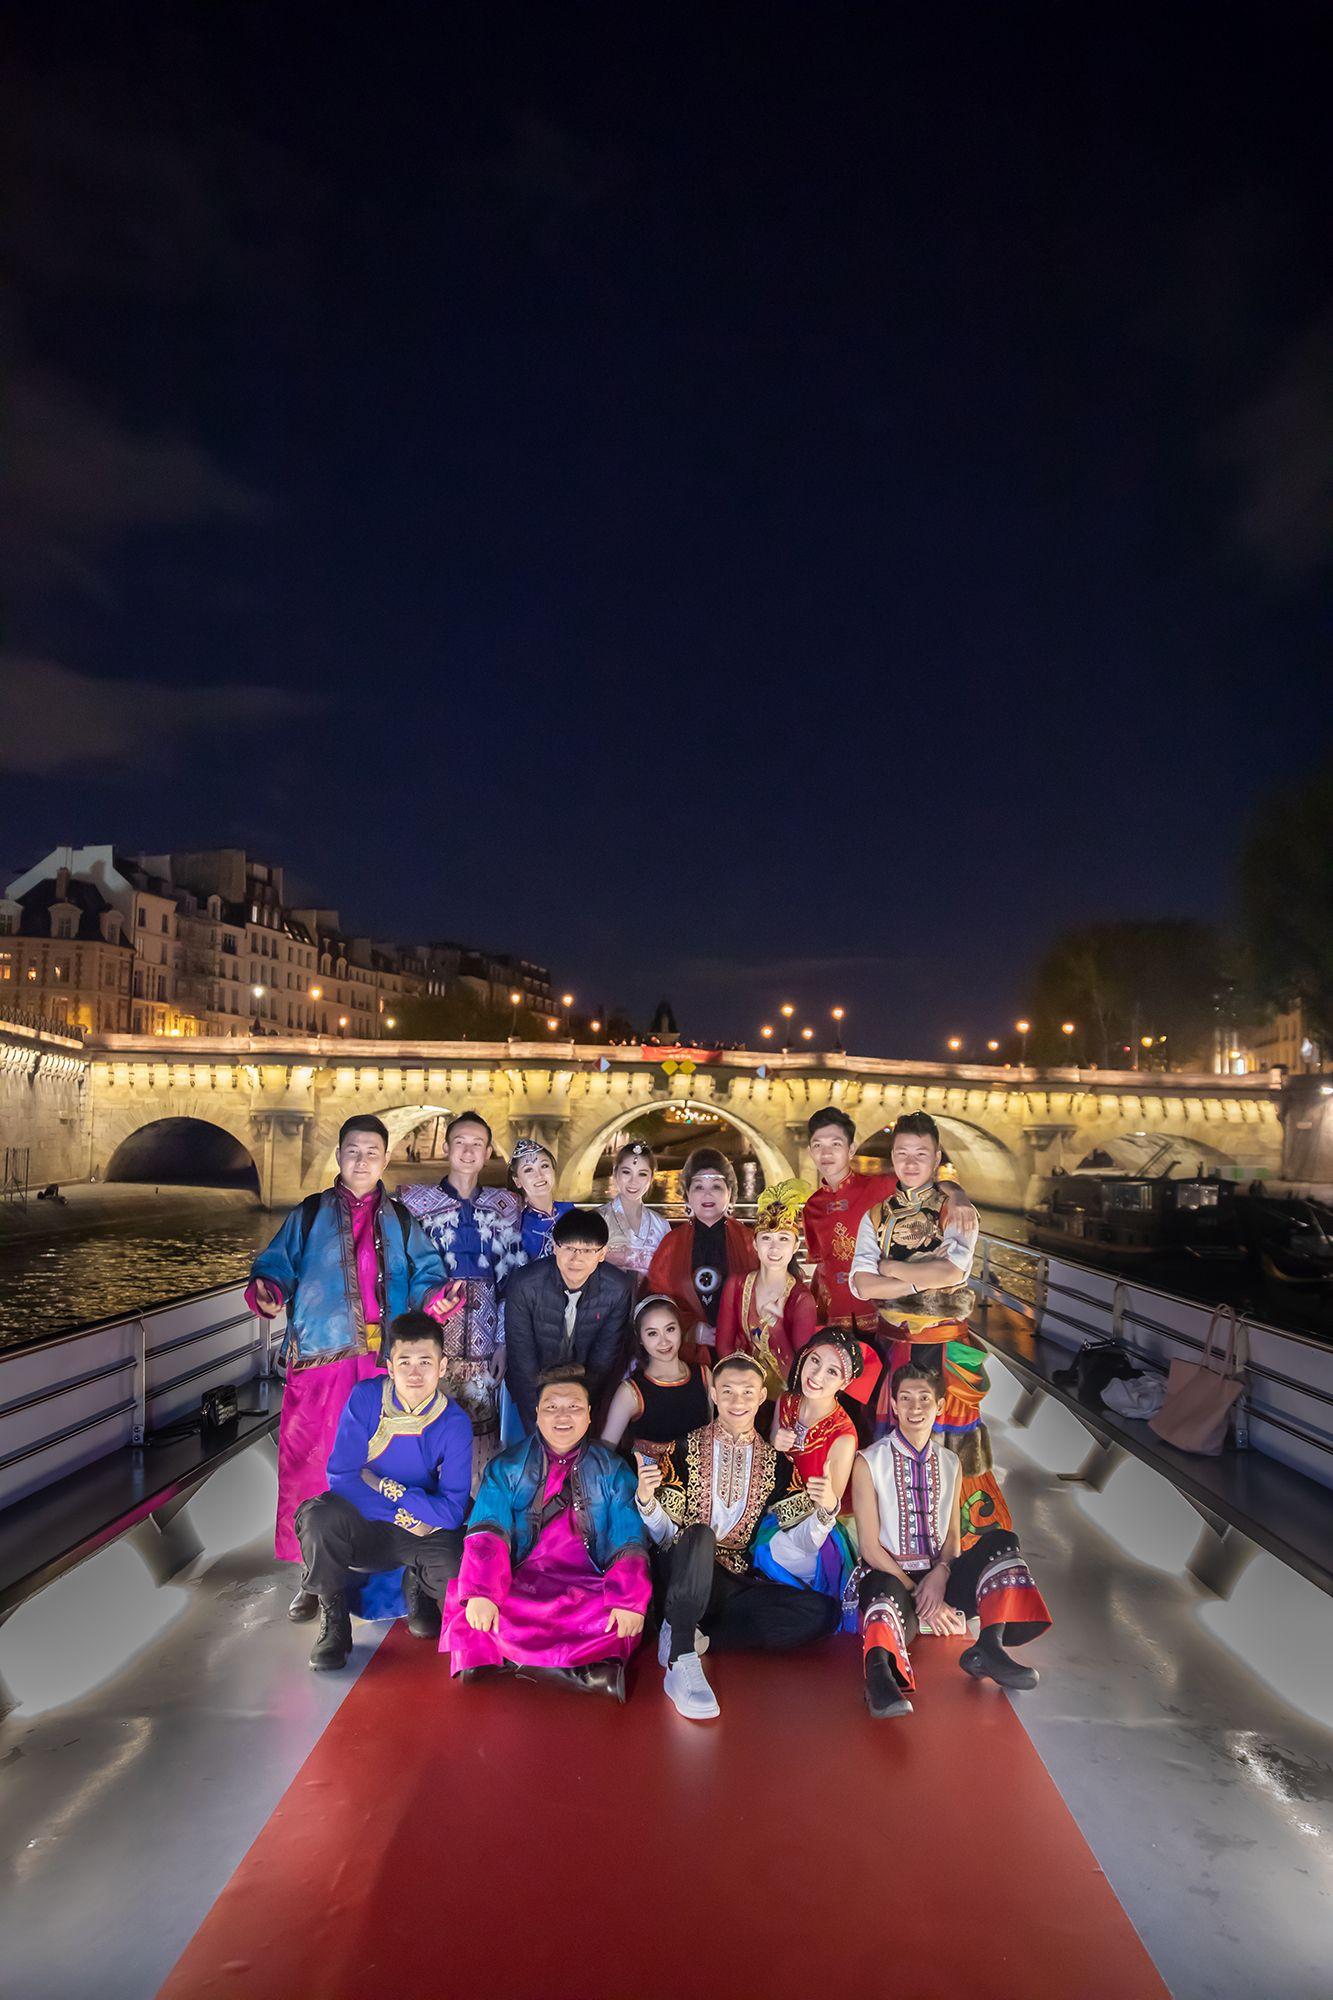 嘉宾们纷纷登上甲板,挥舞着中法两国国旗,齐声高唱《我爱你中国》、《我和我的祖国》(摄影:周义)